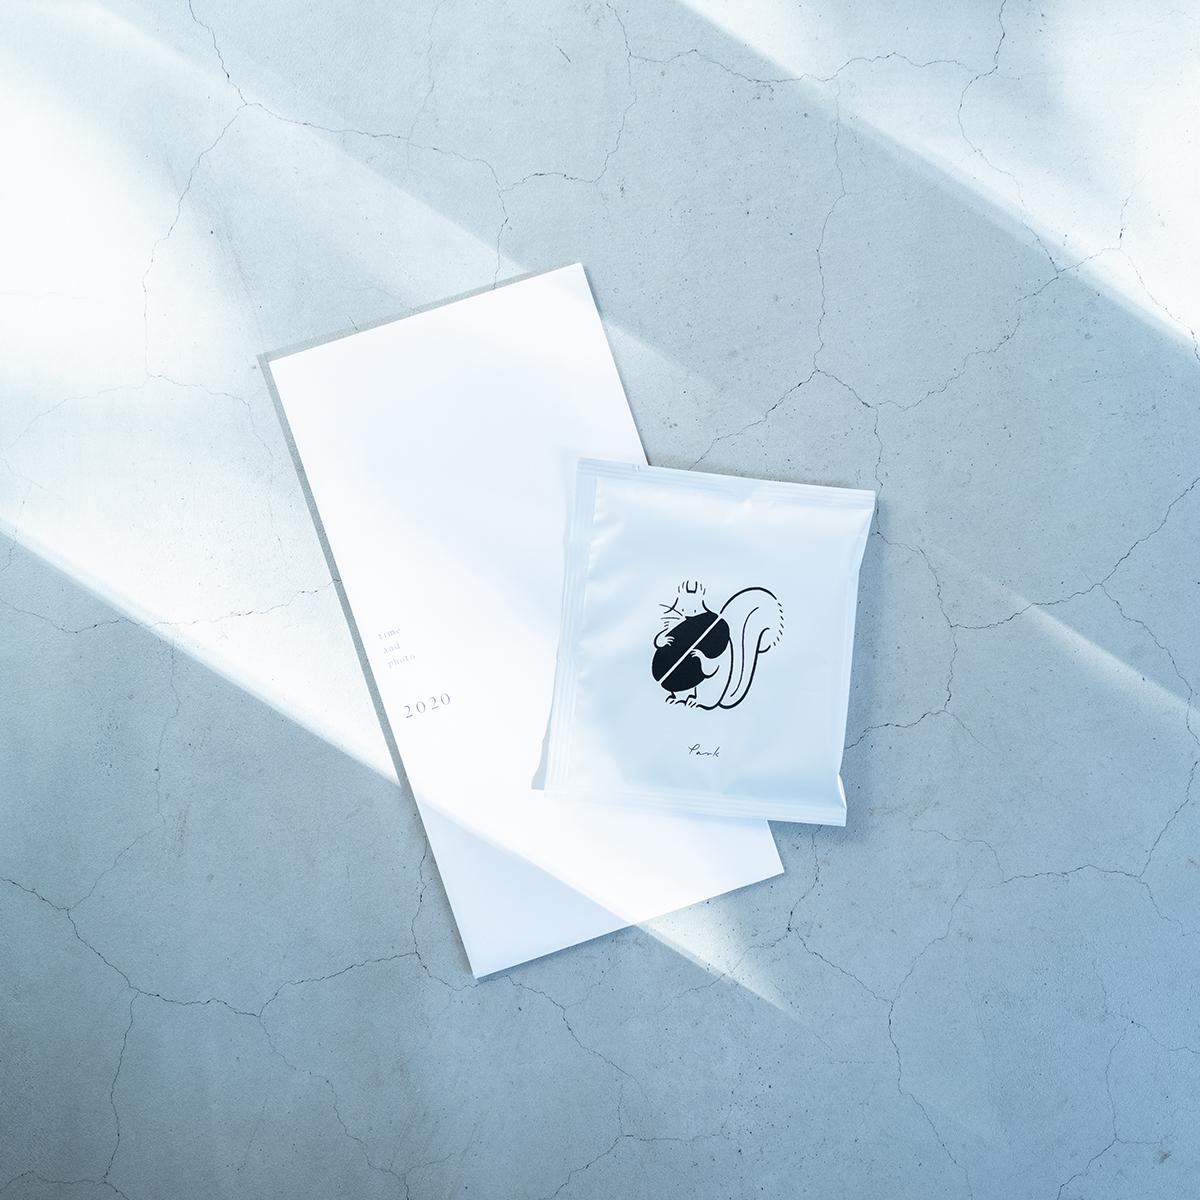 オリジナルドリップバッグ&カレンダープレゼントキャンペーン(終了)